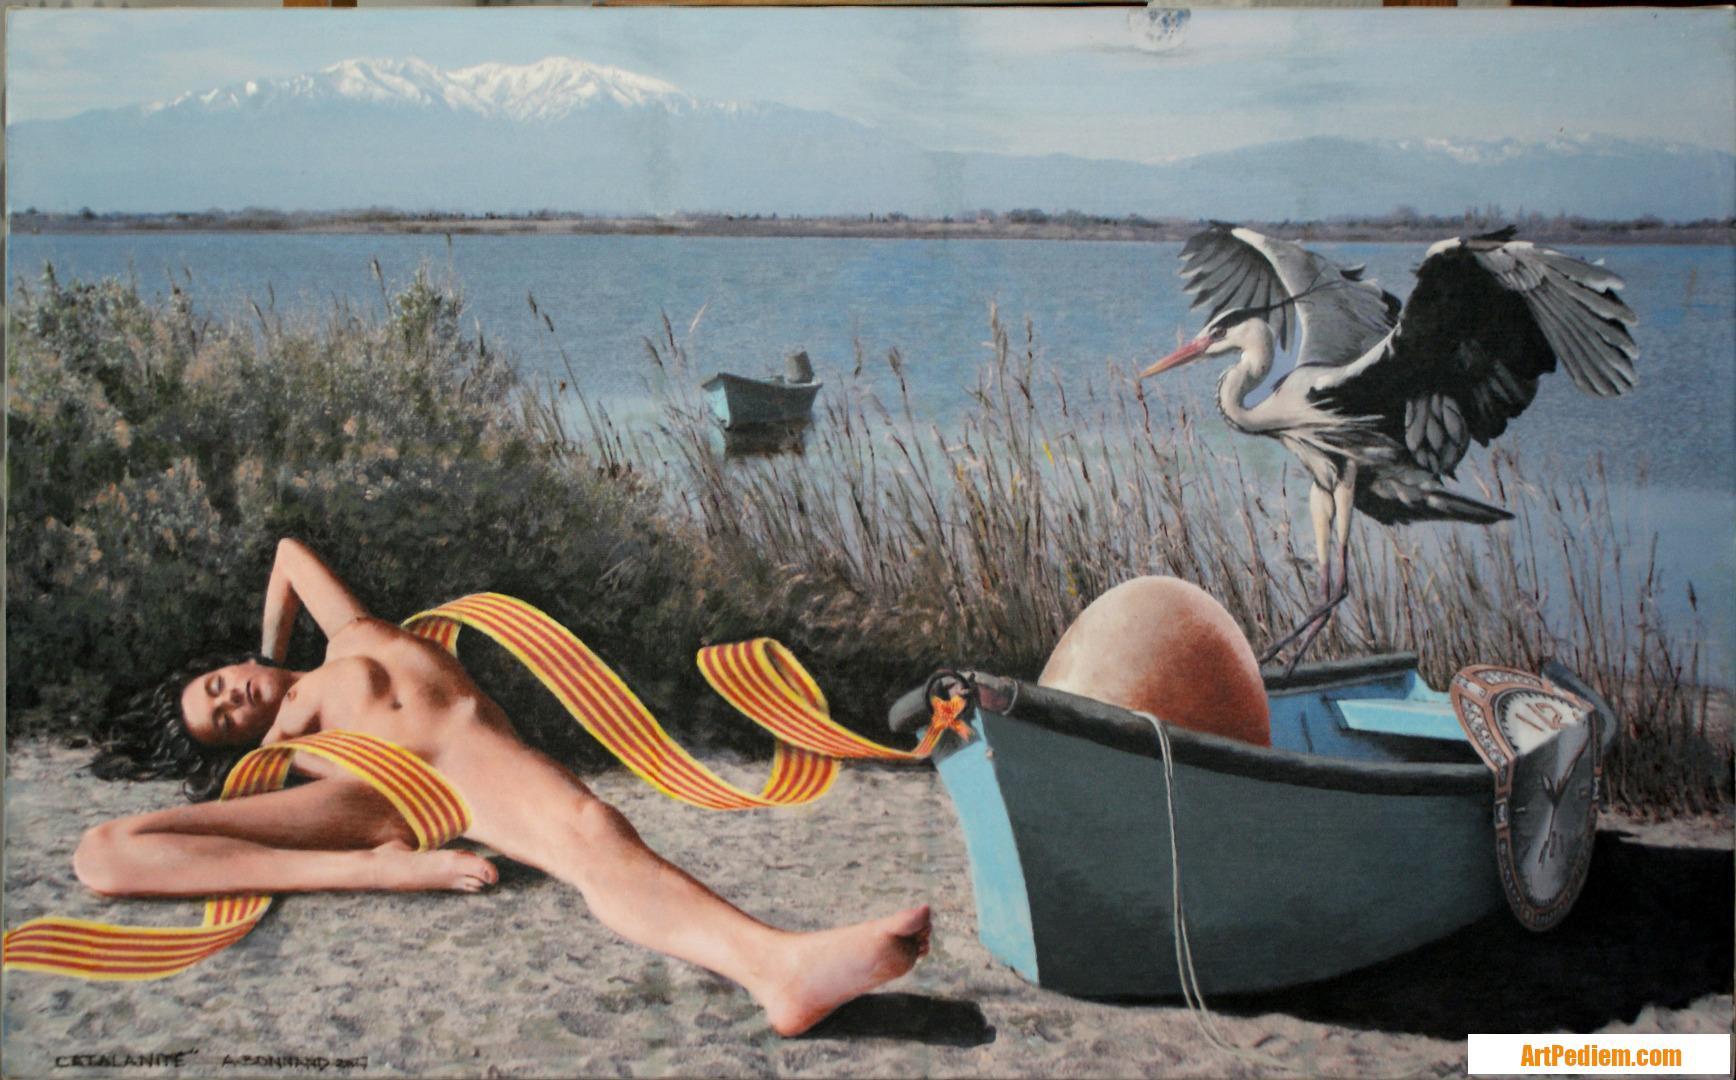 Oeuvre Catalanité de l'Artiste Bonnand Alain